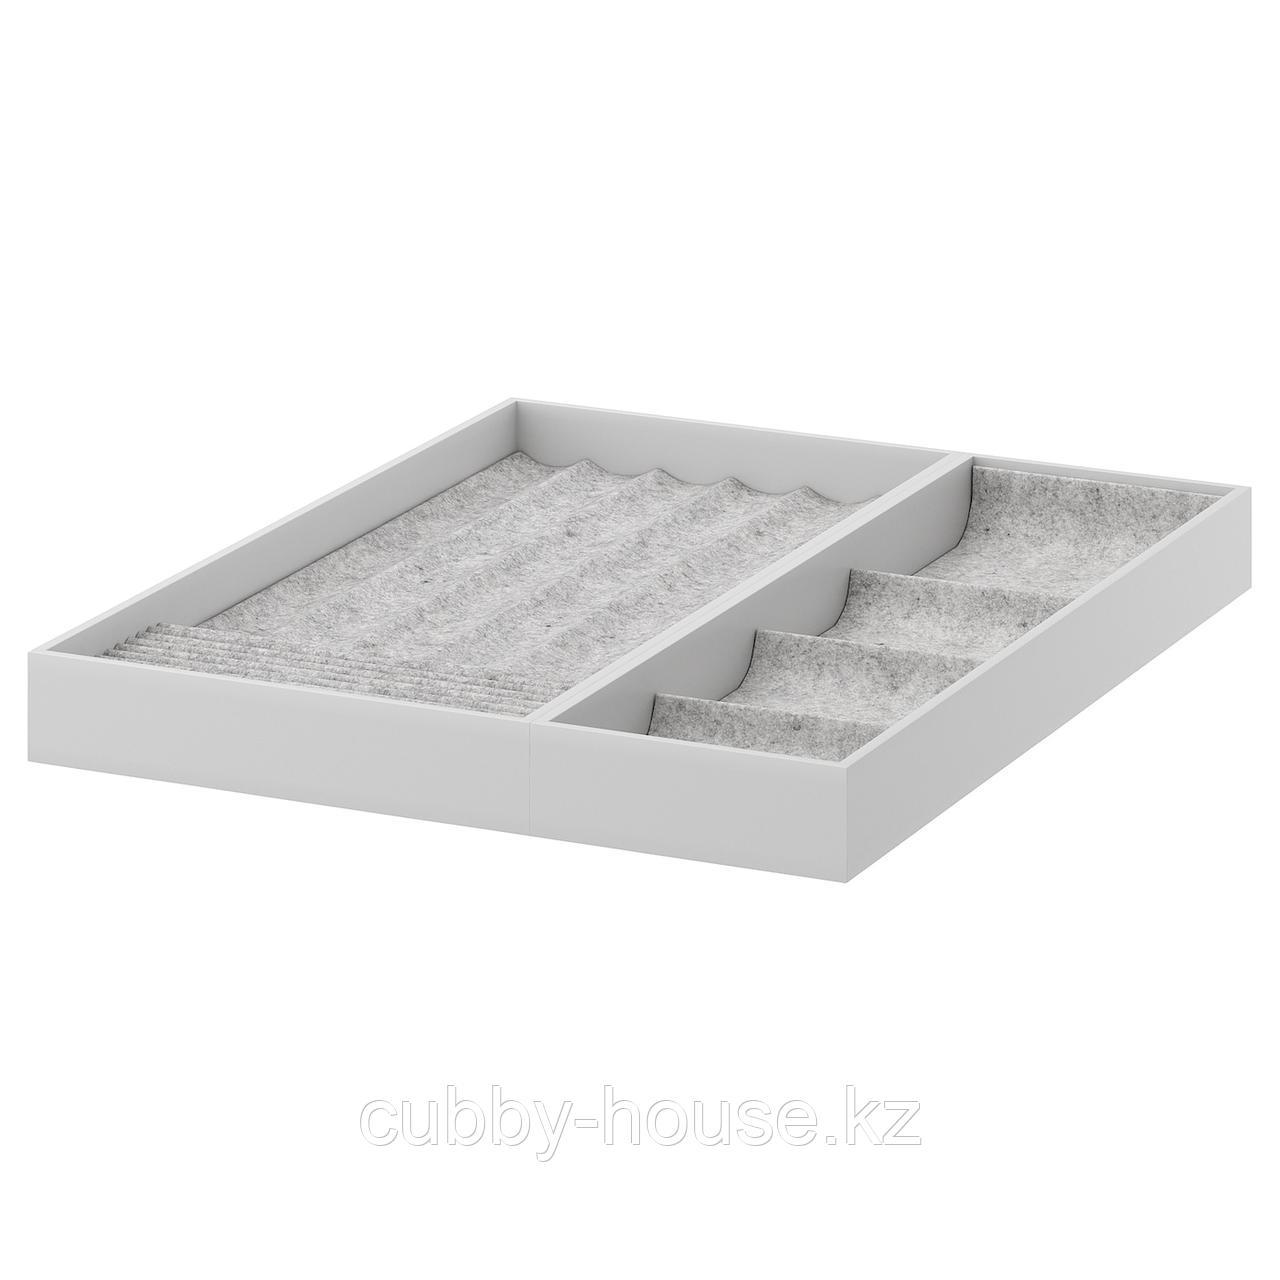 КОМПЛИМЕНТ Вставка для выдвижной полки, светло-серый, 50x58 см